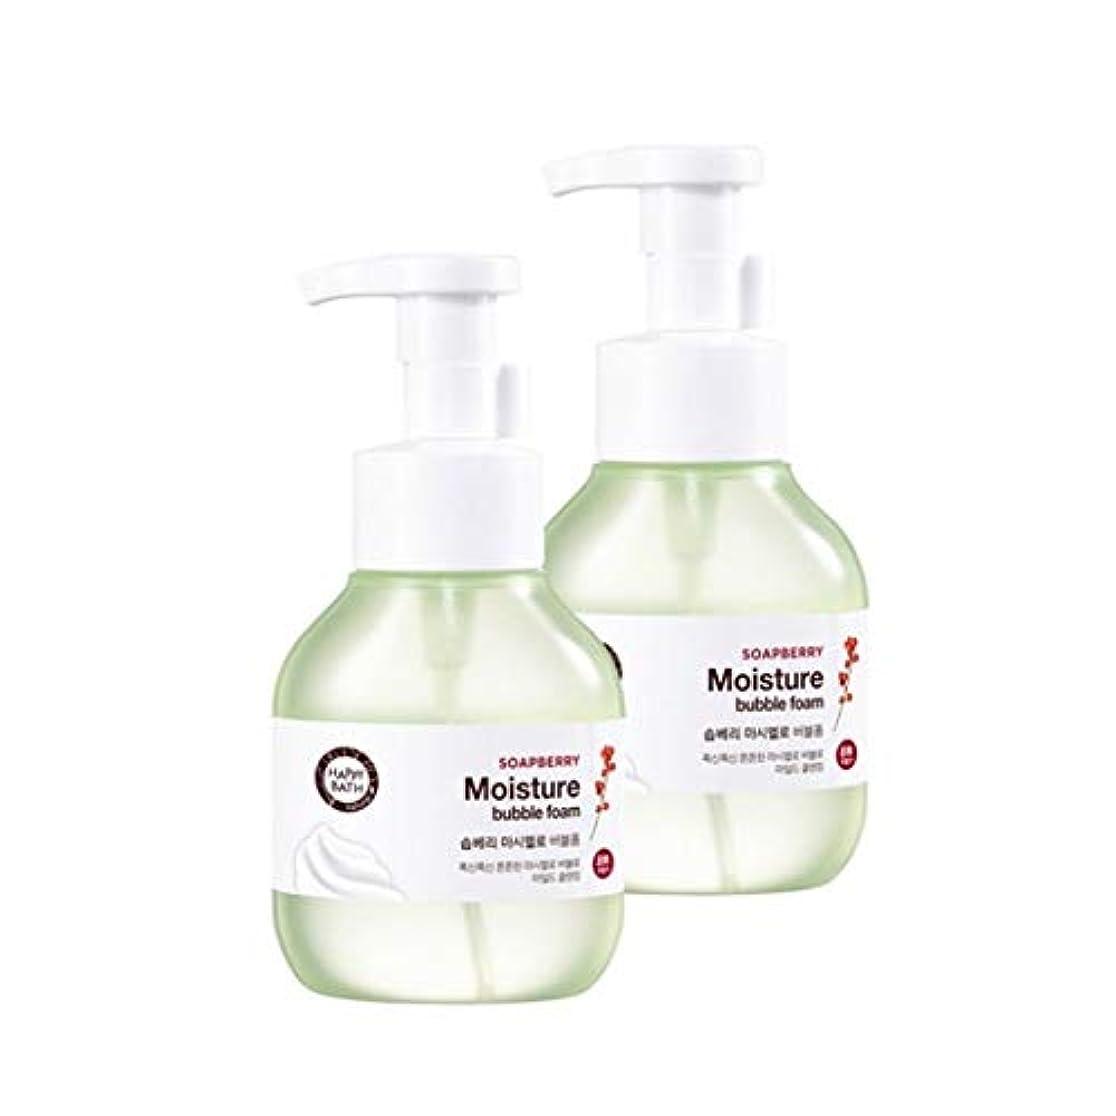 ボランティアベット引き出しハッピーバスソープベリーマシュマロバブルフォーム300mlx2本セット韓国コスメ、Happy Bath Soapberry Moisture Bubble Foam 300ml x 2ea Set Korean Cosmetics...